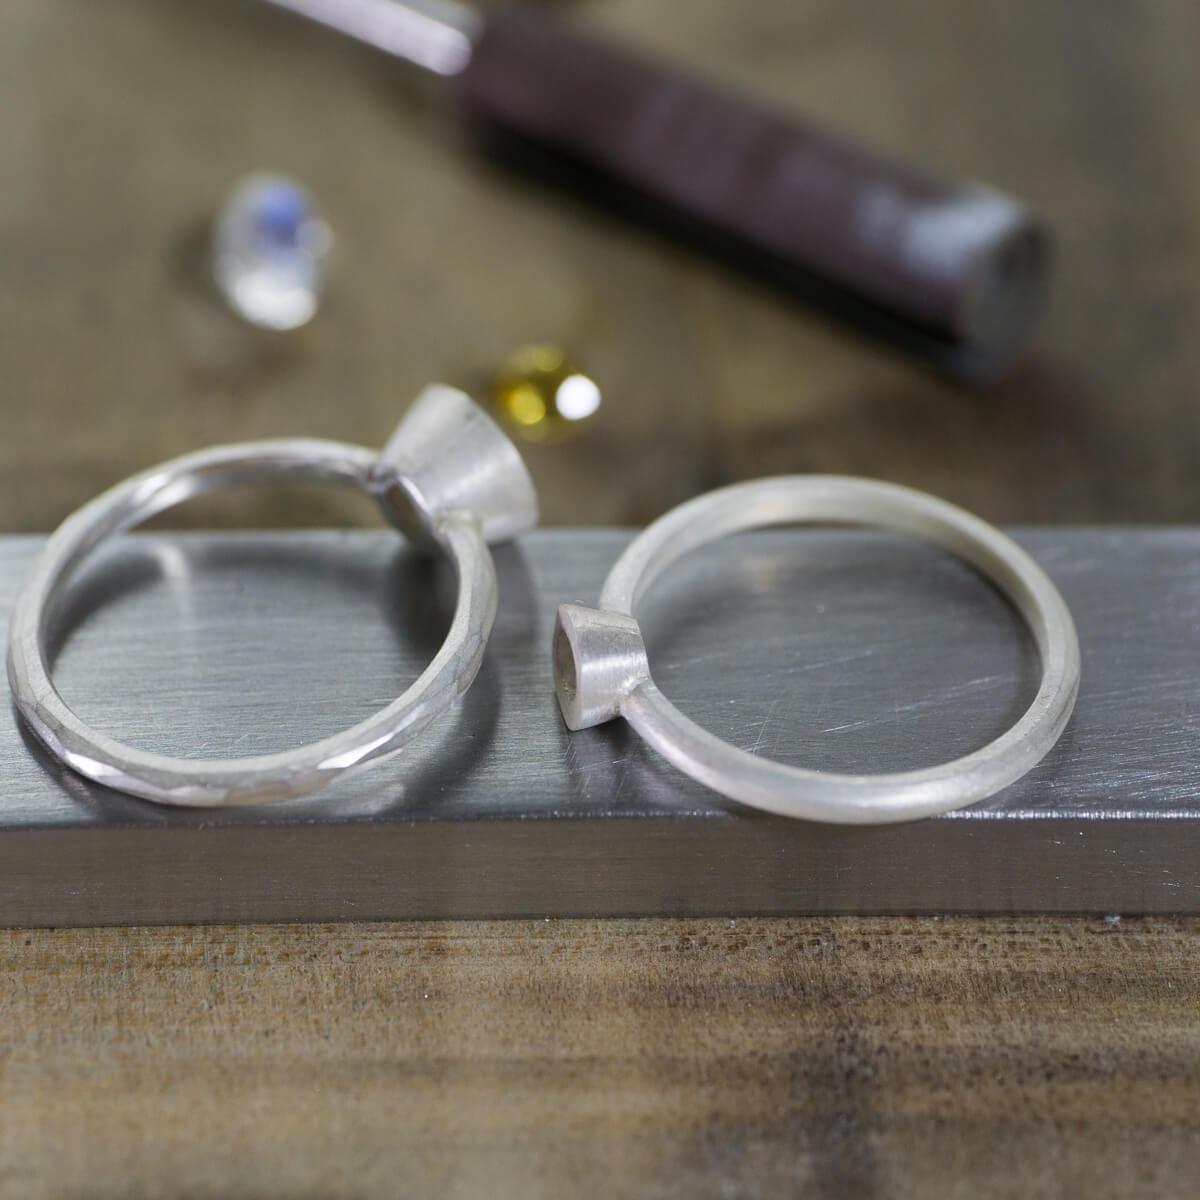 カラーストーンが大好きだから。ムーンストーンとイエローサファイア! 大きな石の指輪を作る。